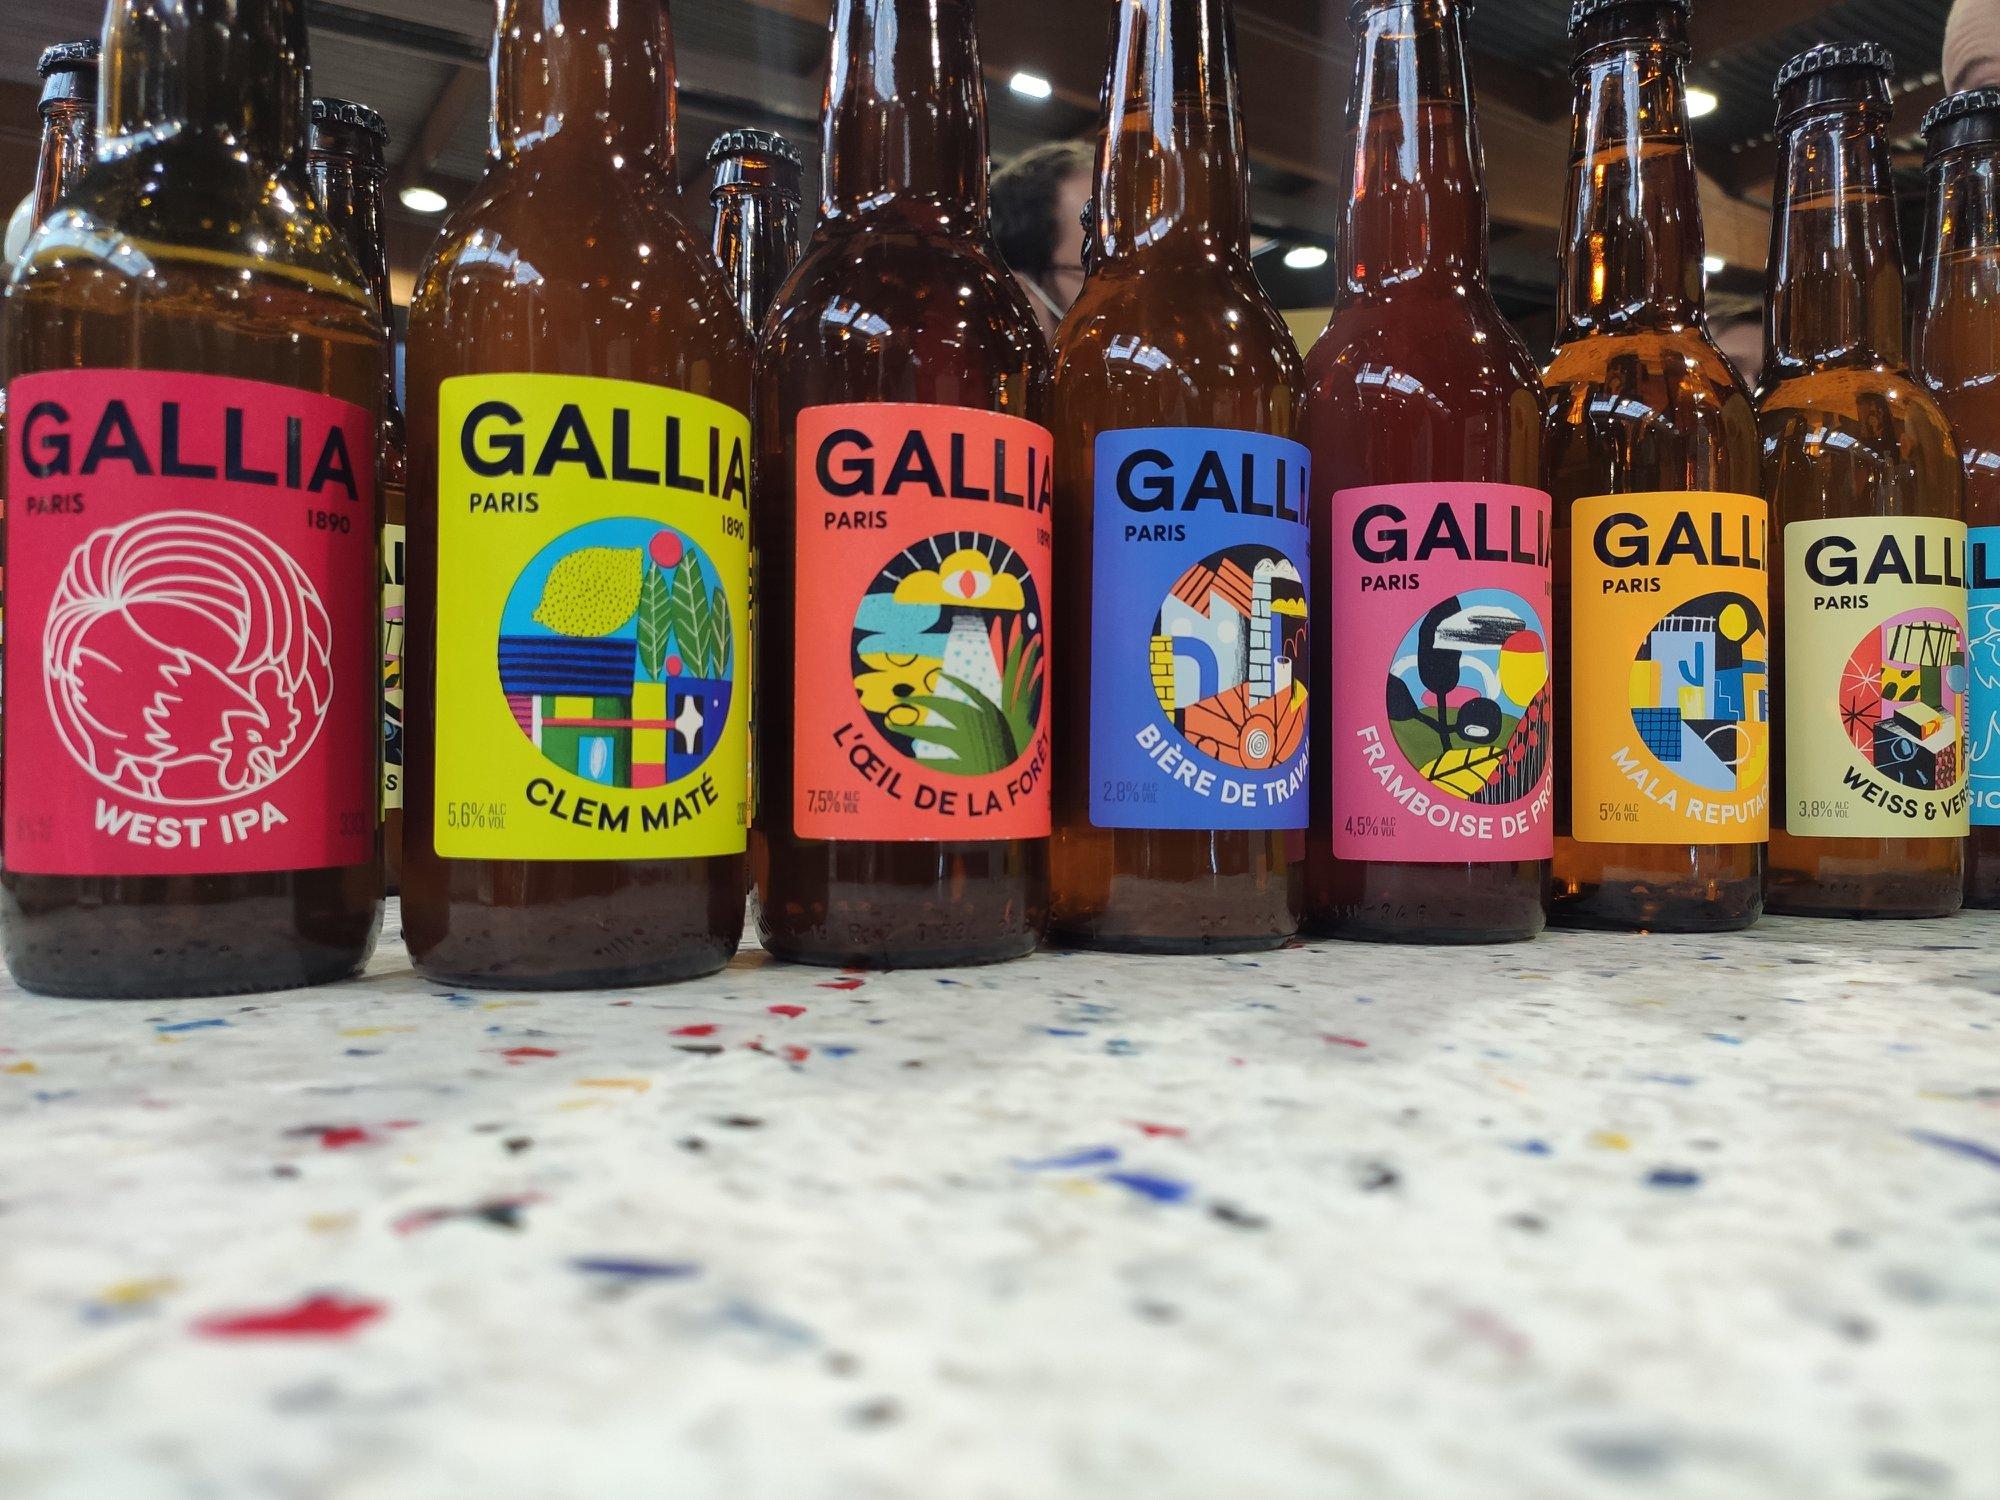 Bières Gallia - Craft brasserie à Pantin (93)